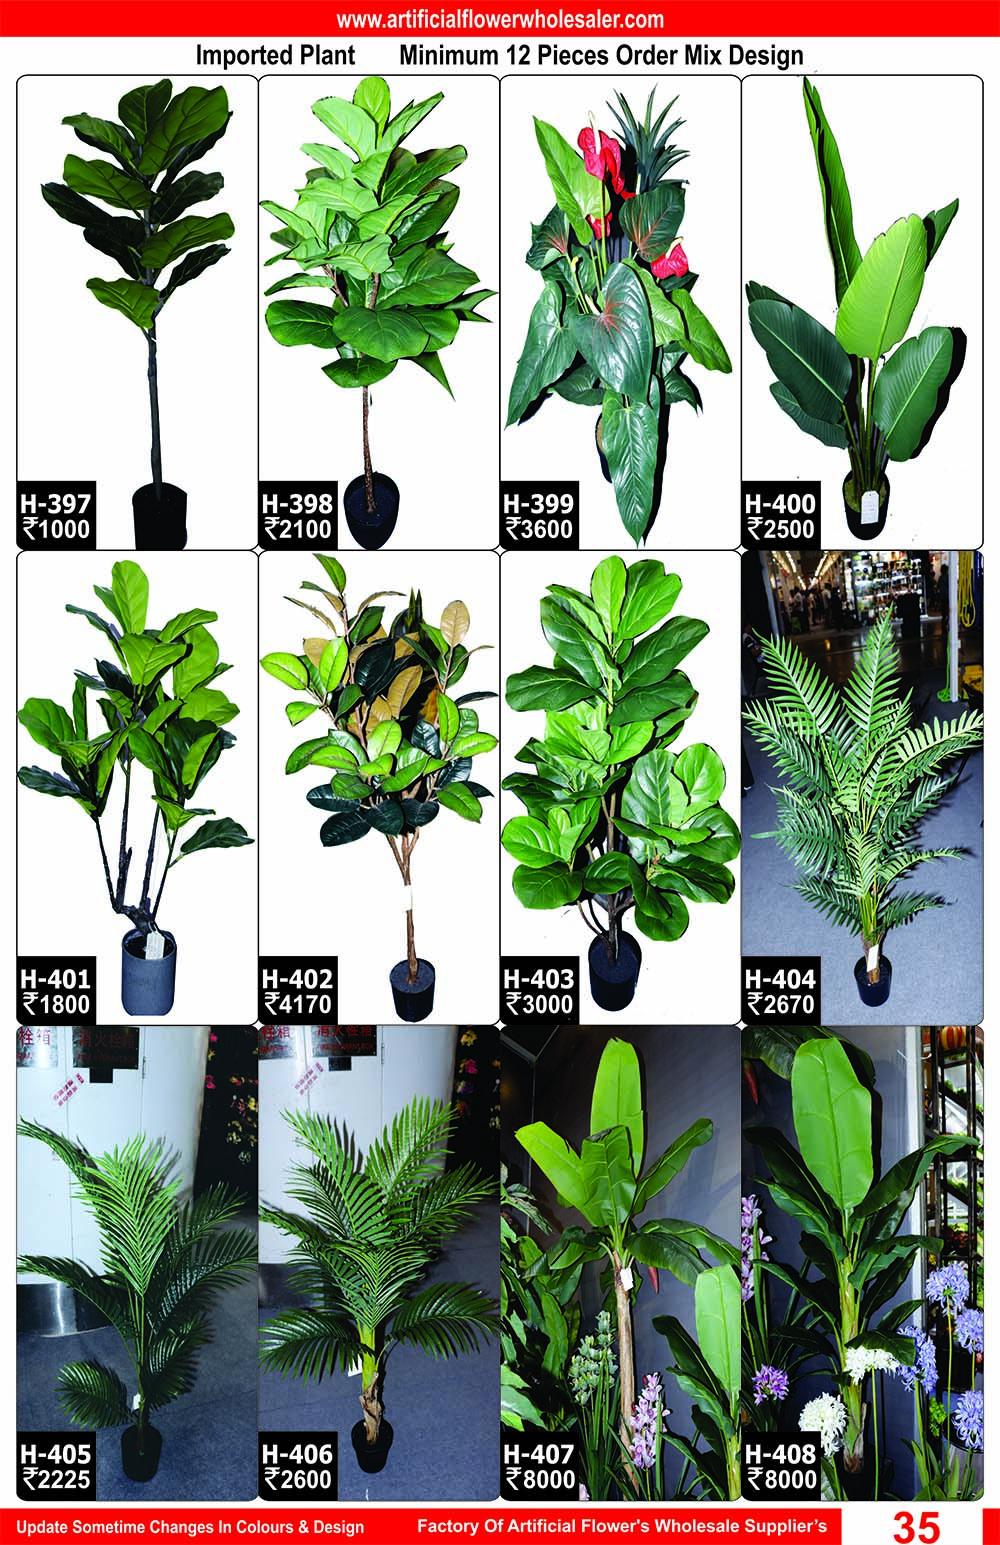 35-artificial-flower-wholesaler